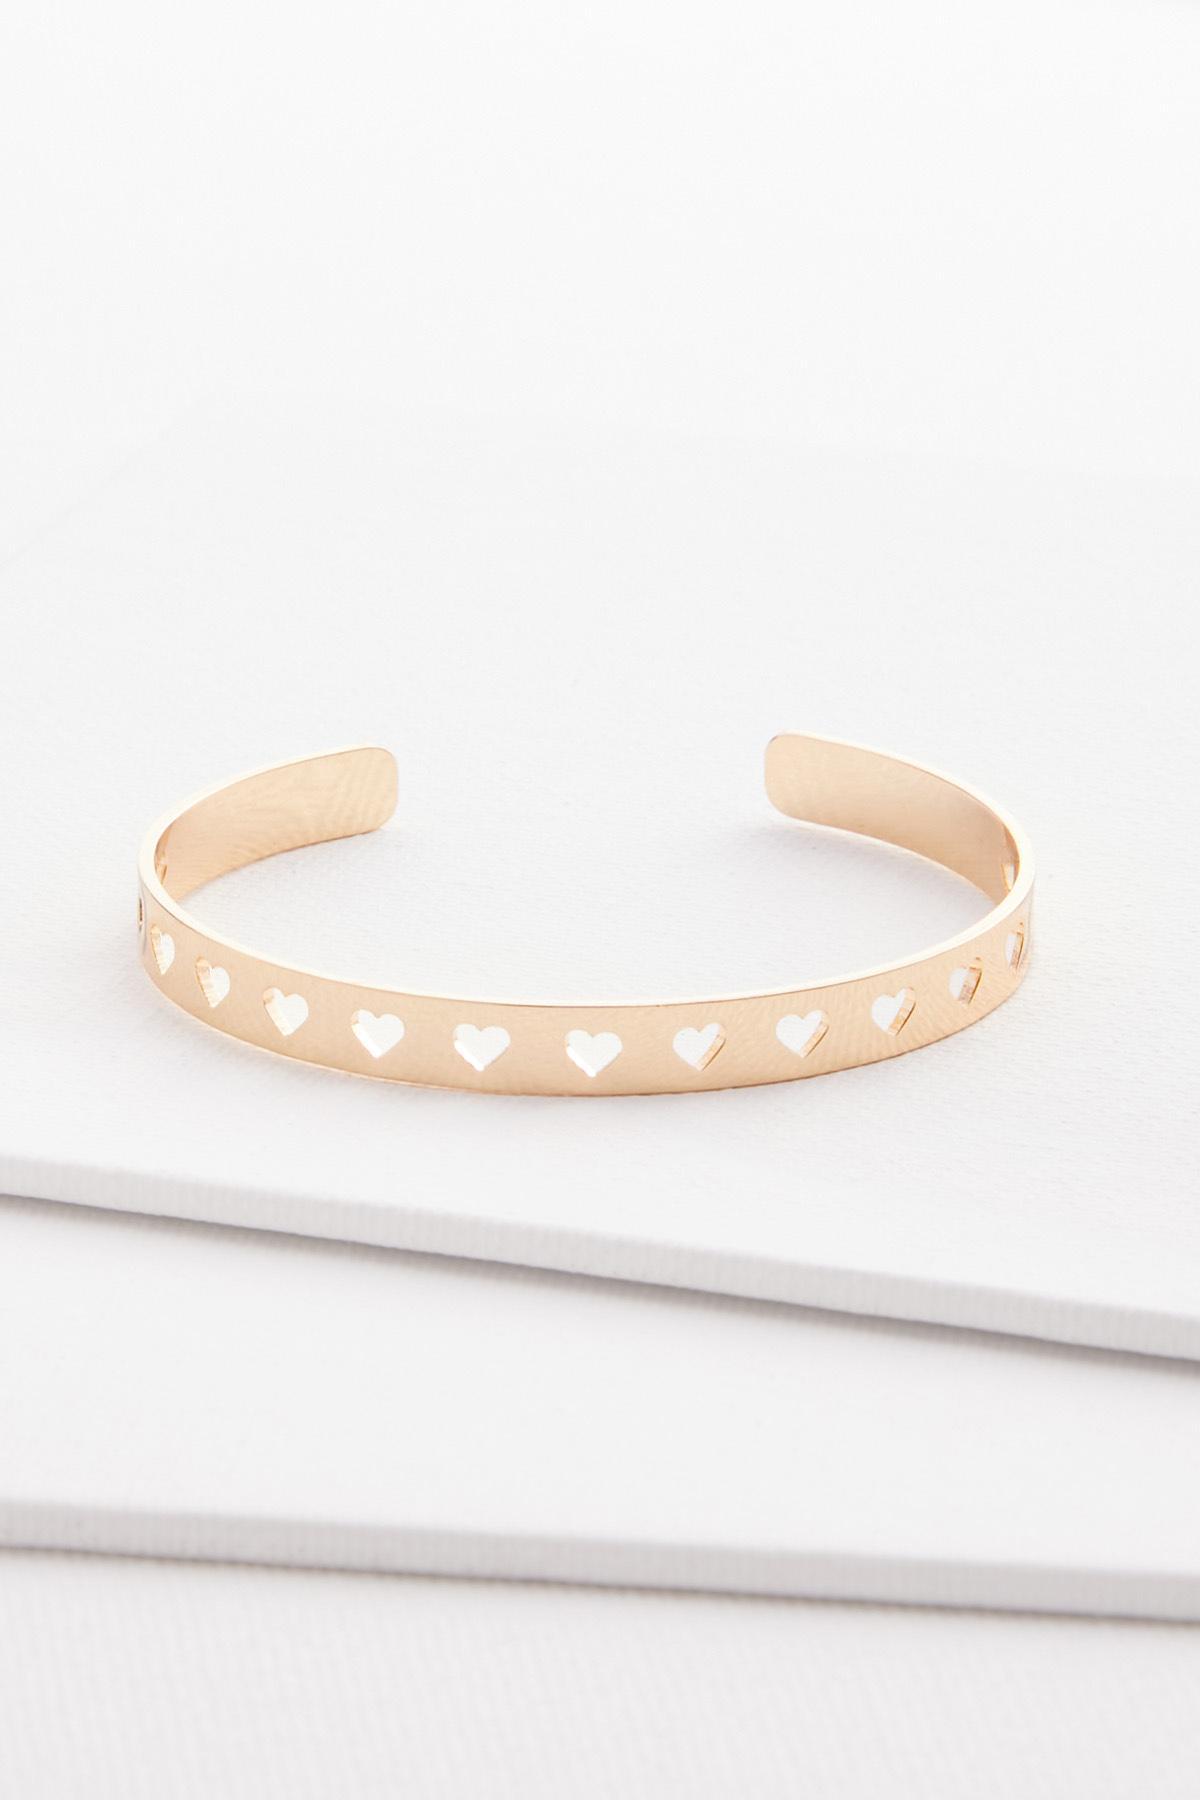 Heart Cuff Bracelet